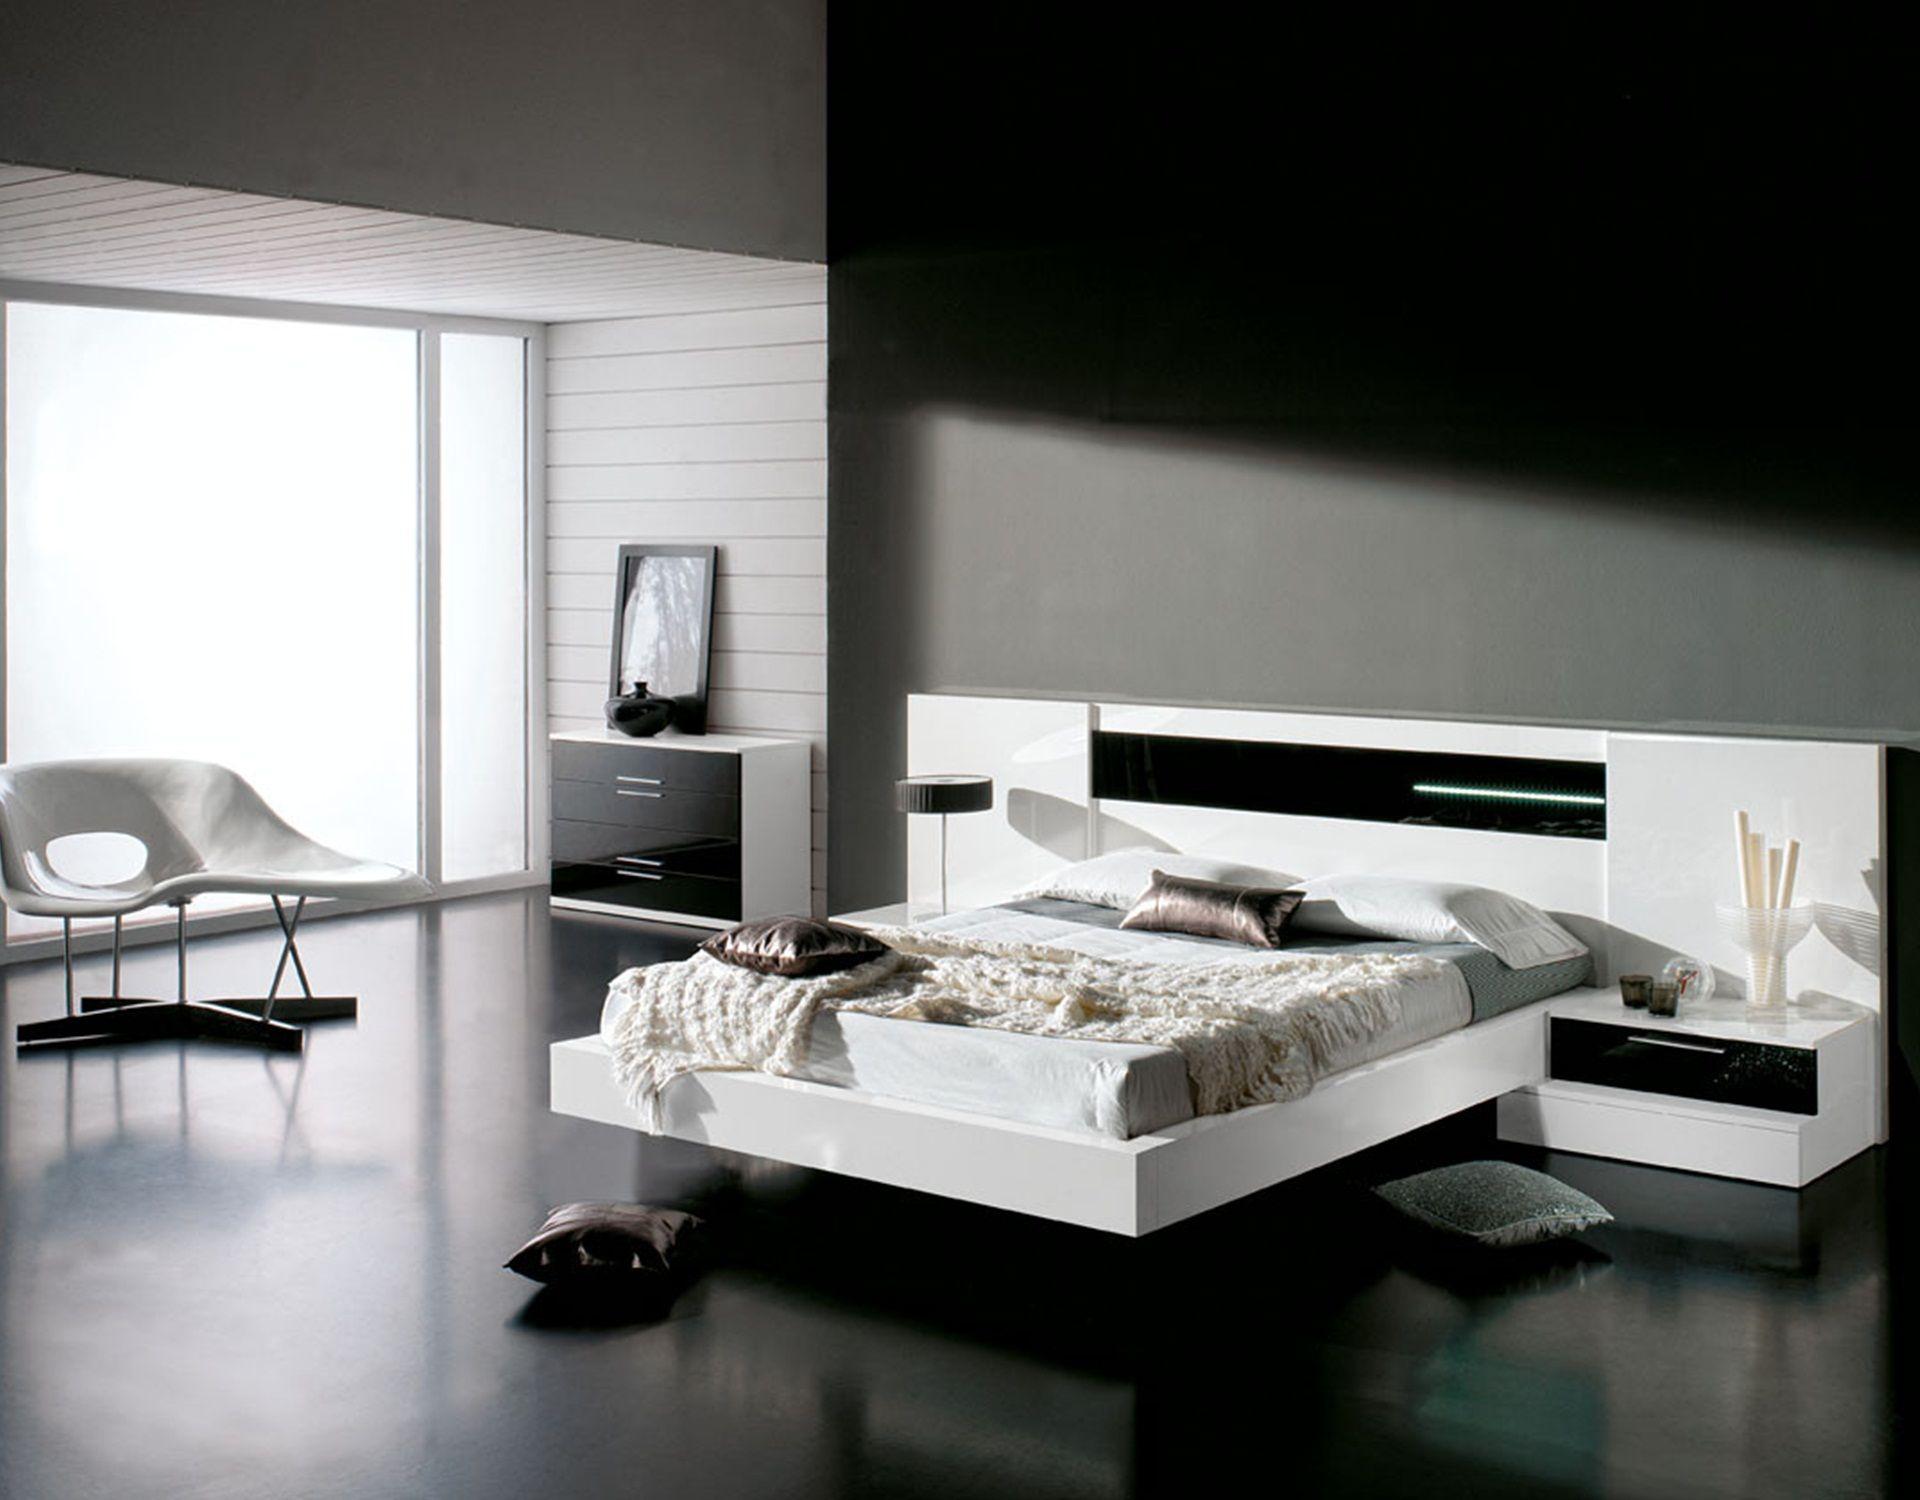 Una habitaci n elegante en blanco y negro a decorar mi for Disenador virtual de habitaciones